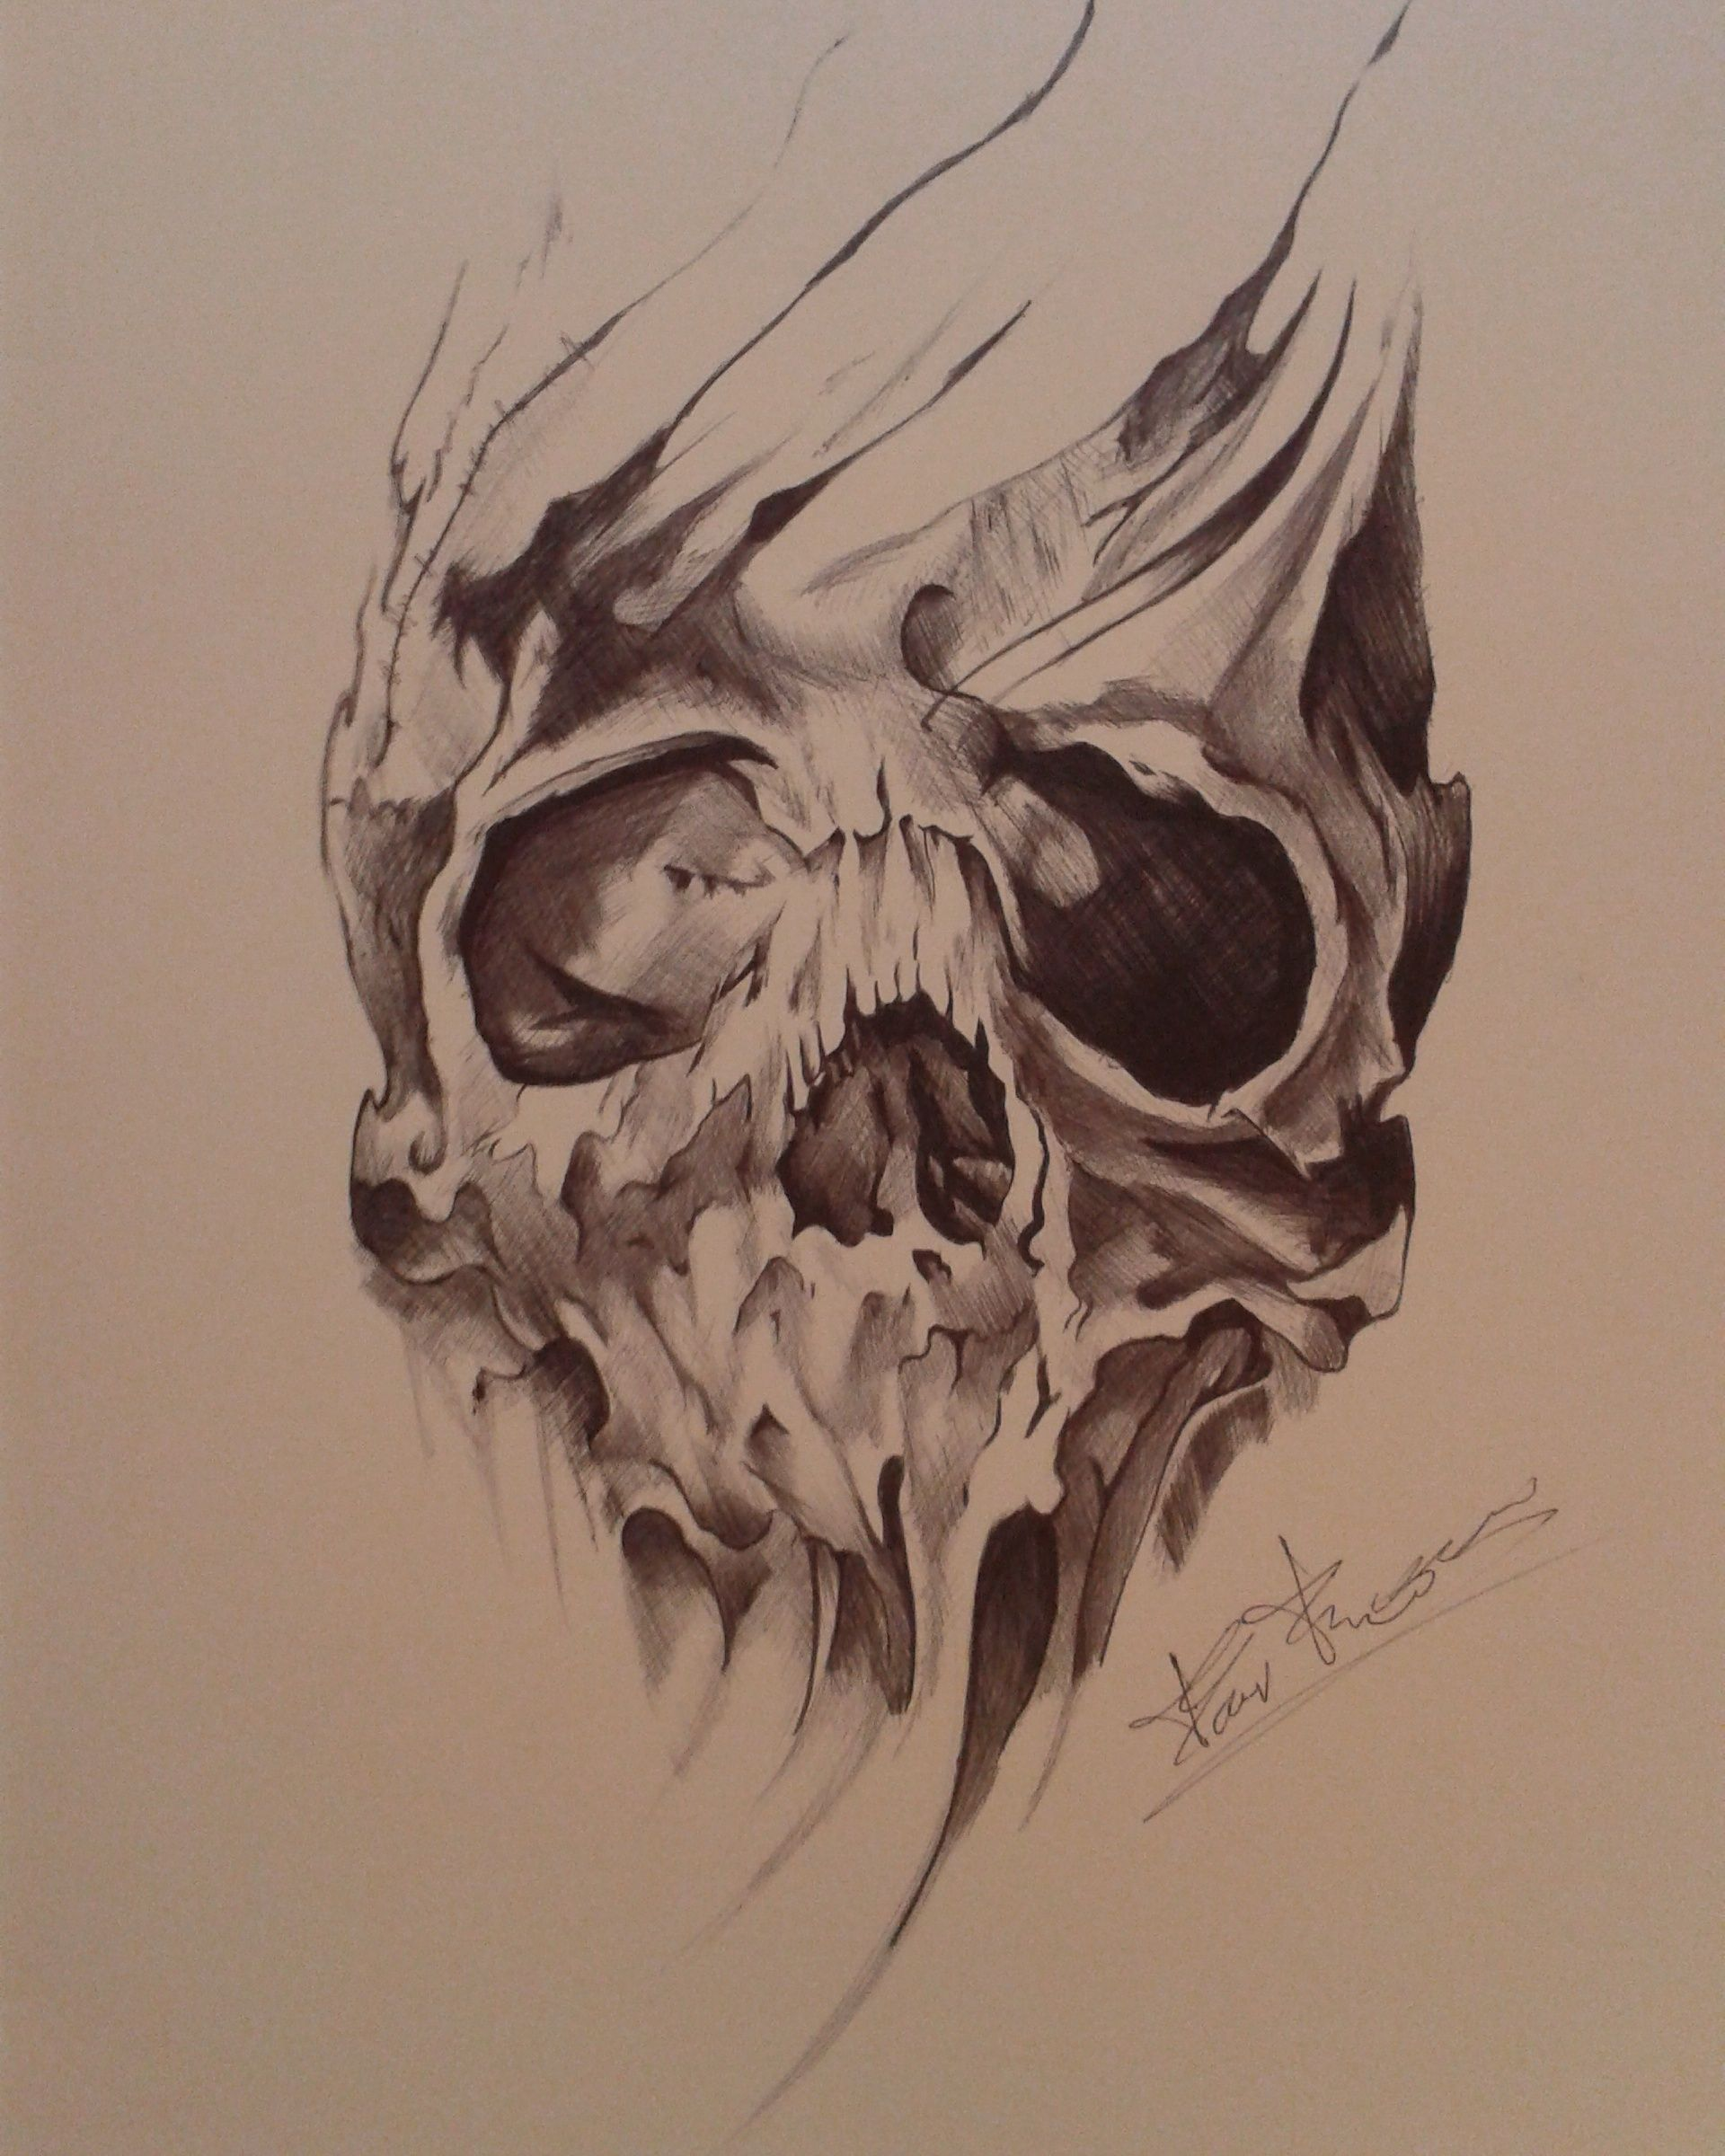 Bic black pen drawing of a skull (FAN ART) | My drawings | Pinterest ...